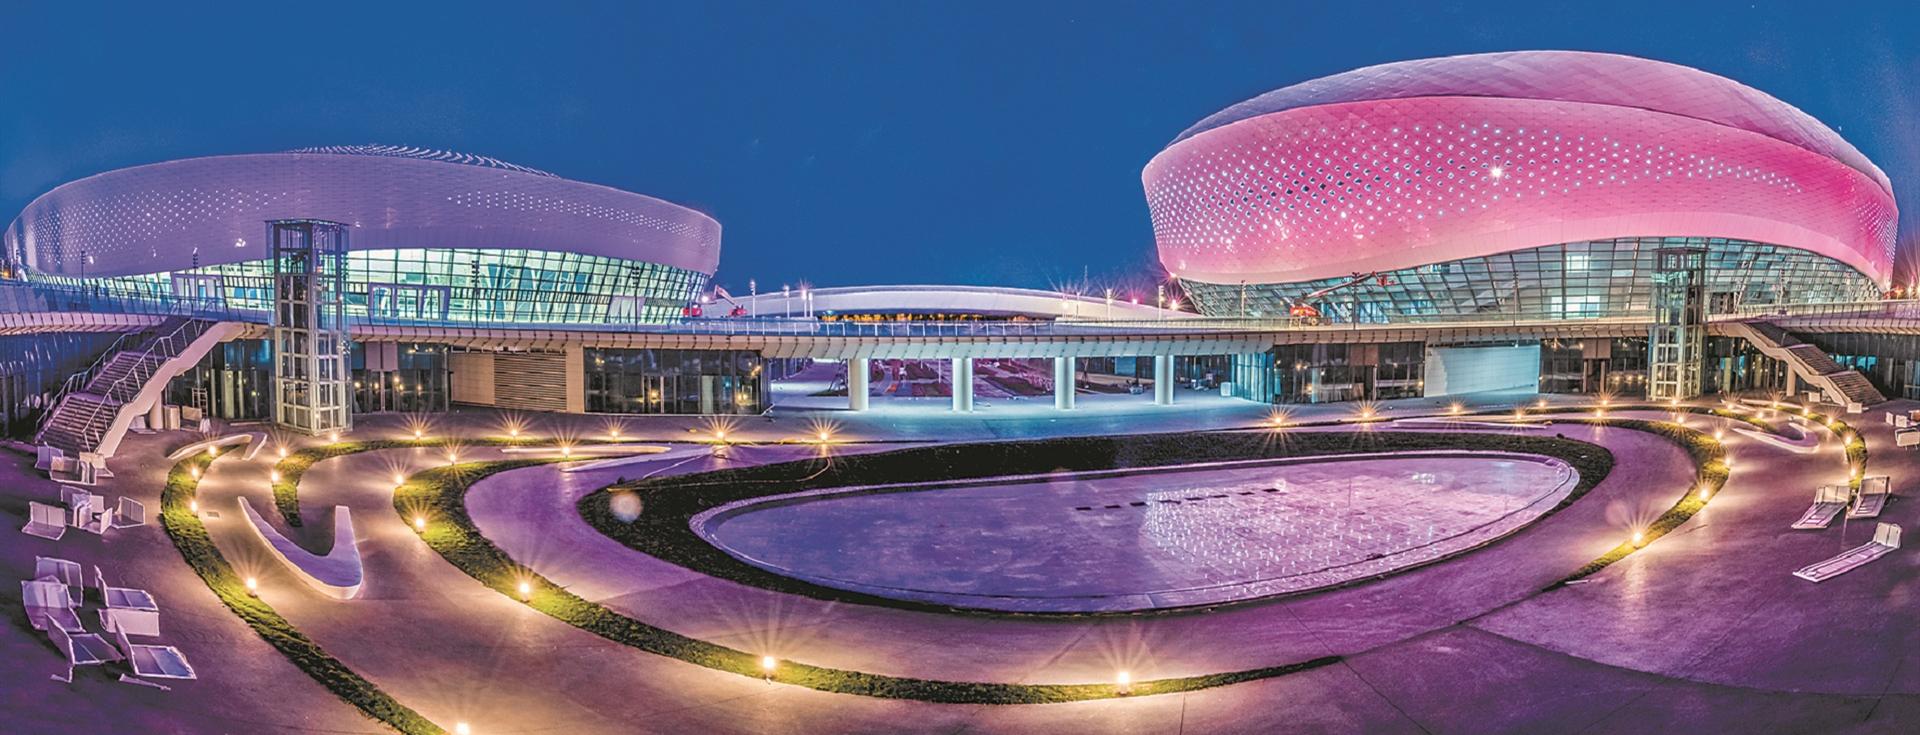 Jinjiang No 2 Sports Center